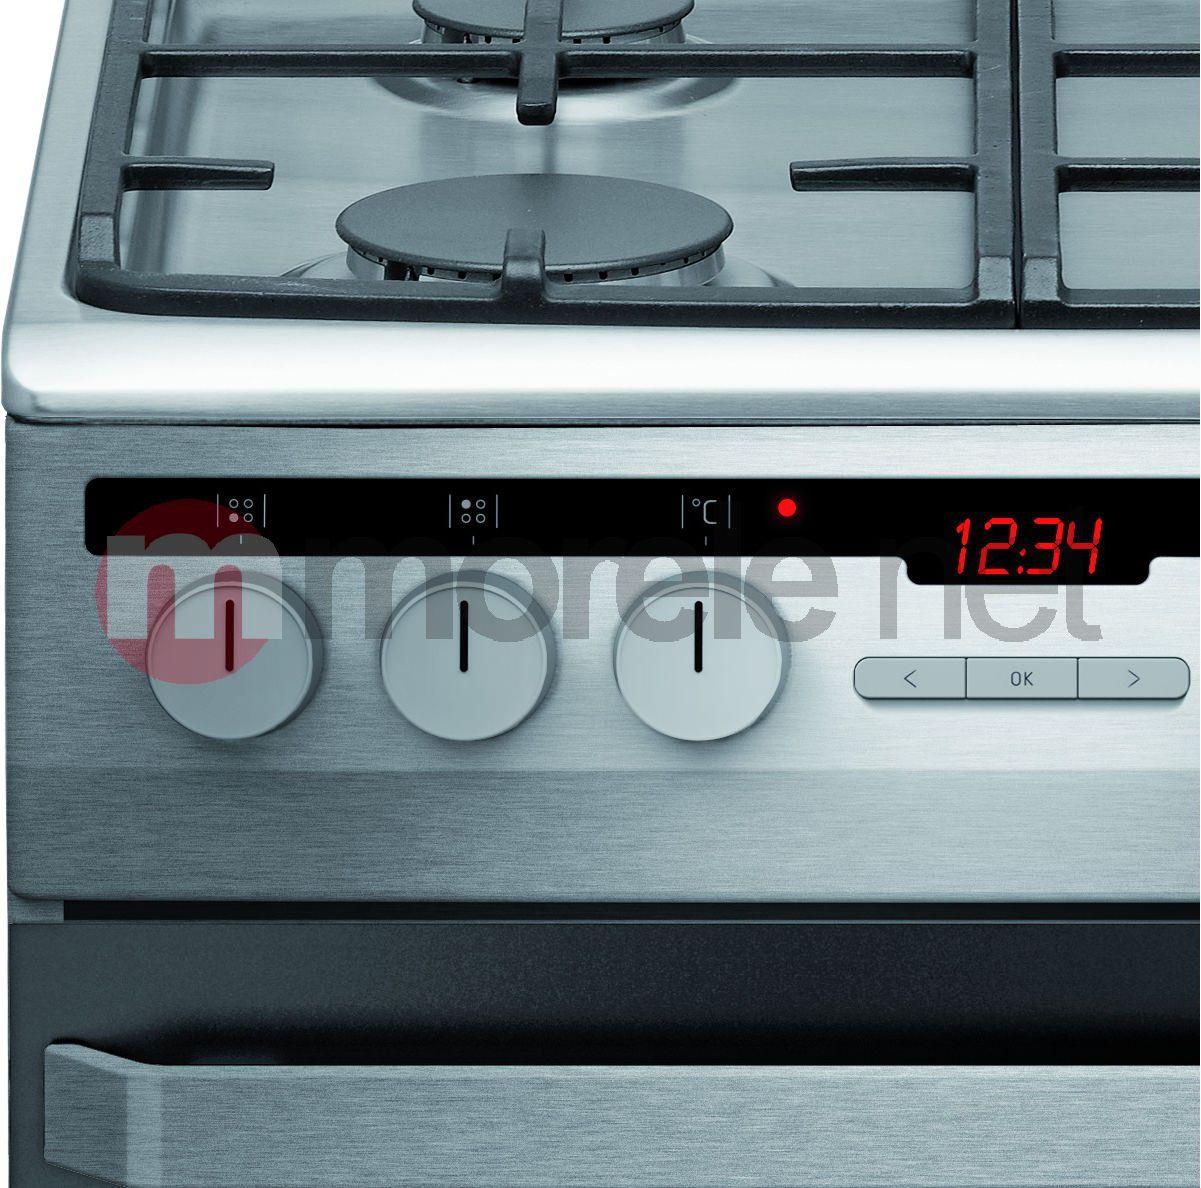 58GE3 43HZpTaDNAQ(Xx) w Morele net -> Kuchnia Gazowo Elektryczna Amica Budowa